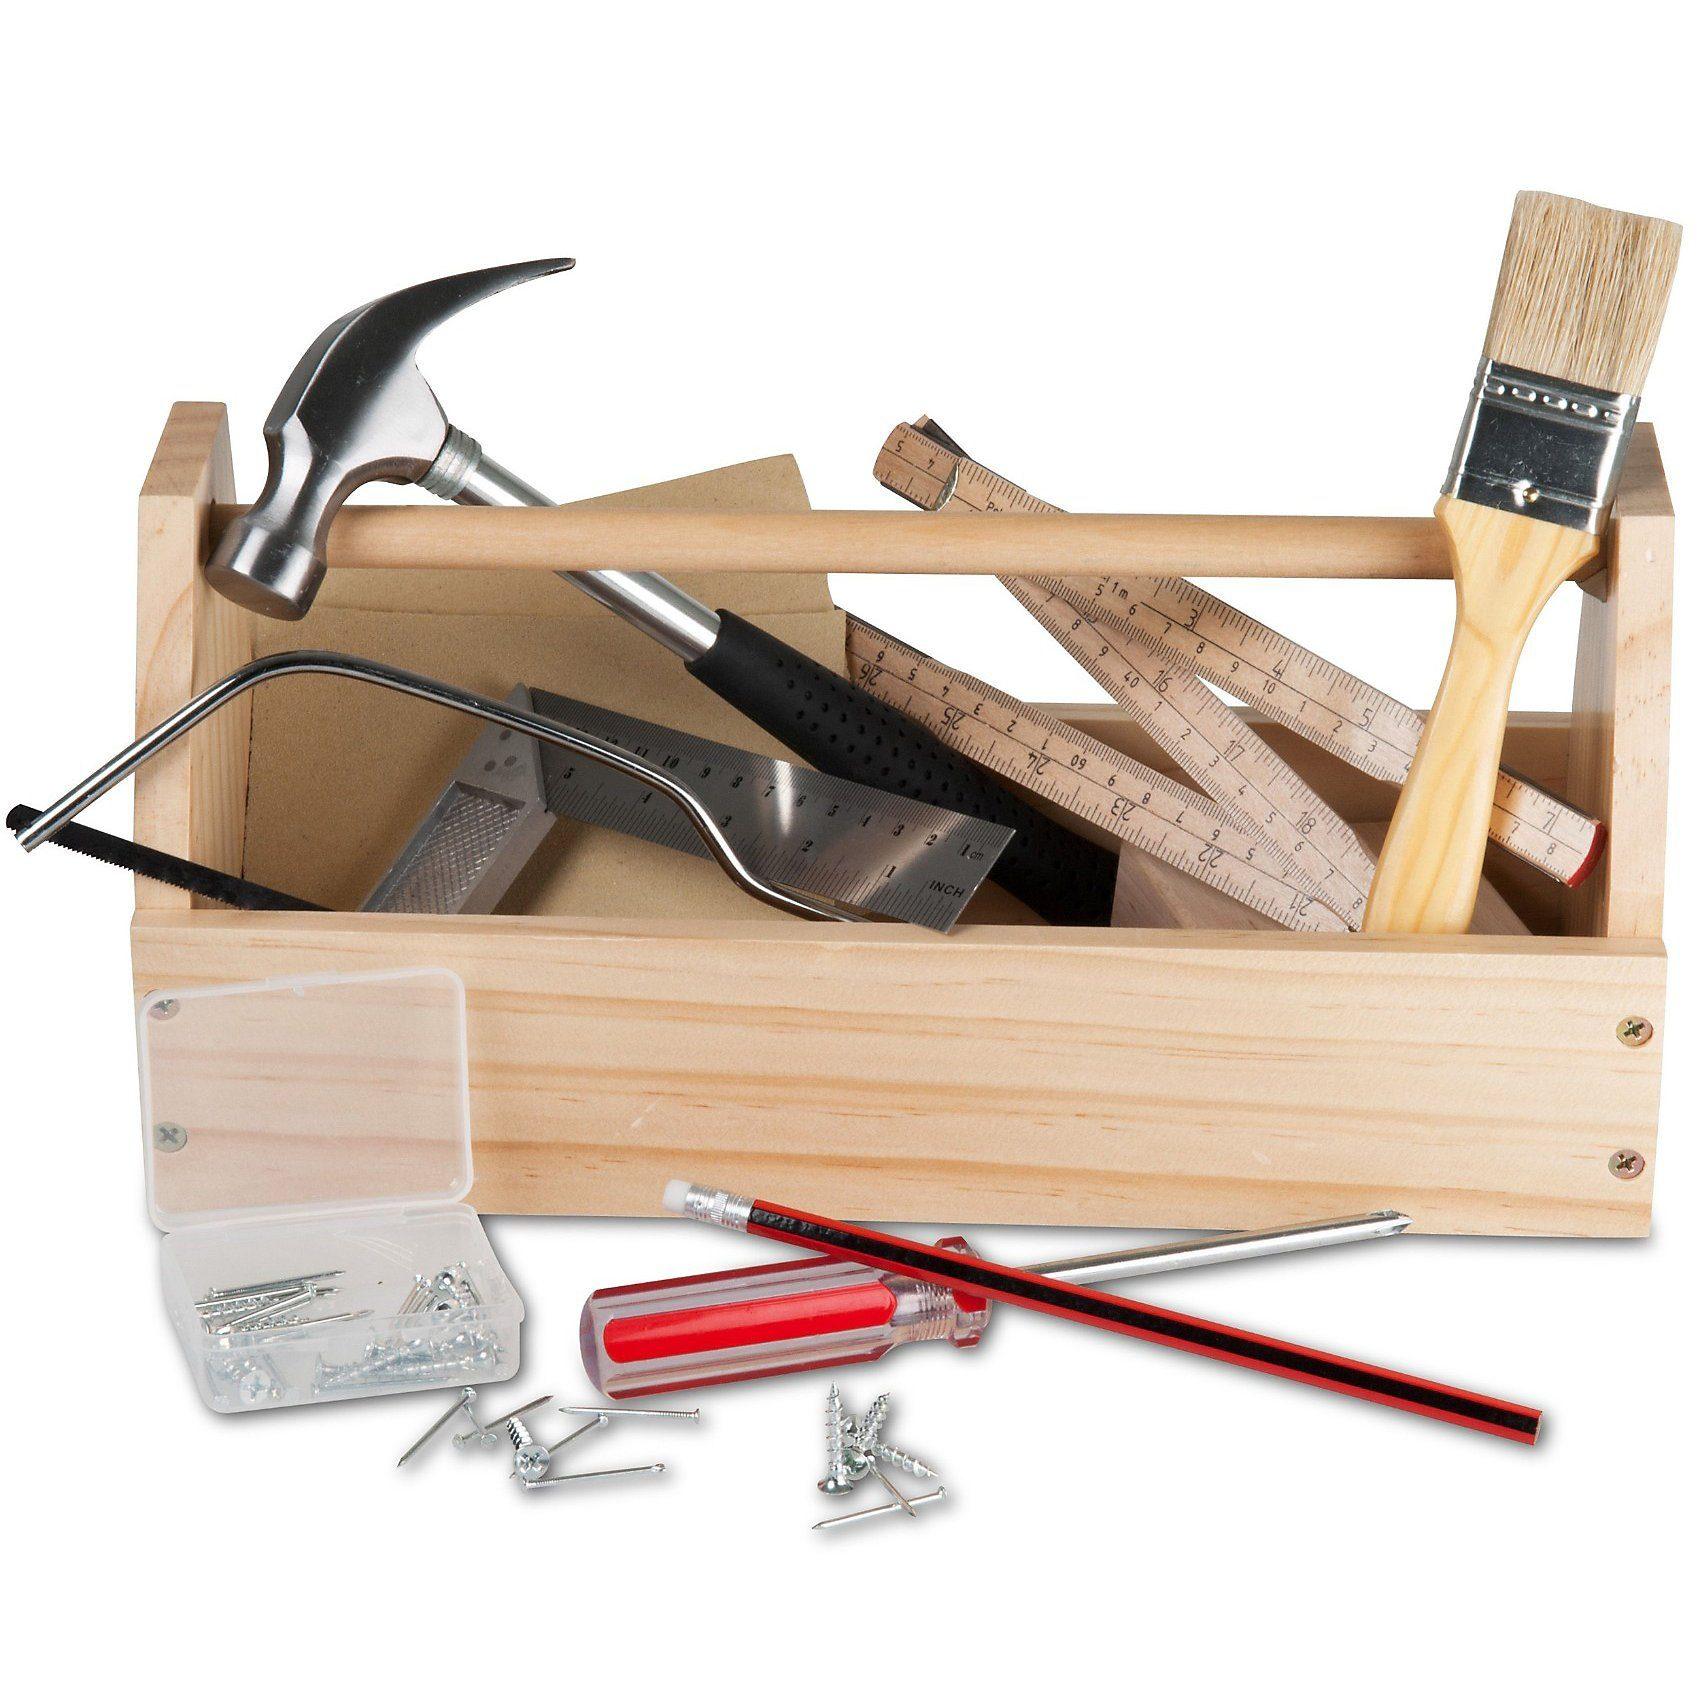 Glow2B Holz-Werkzeugkasten mit Werkzeug